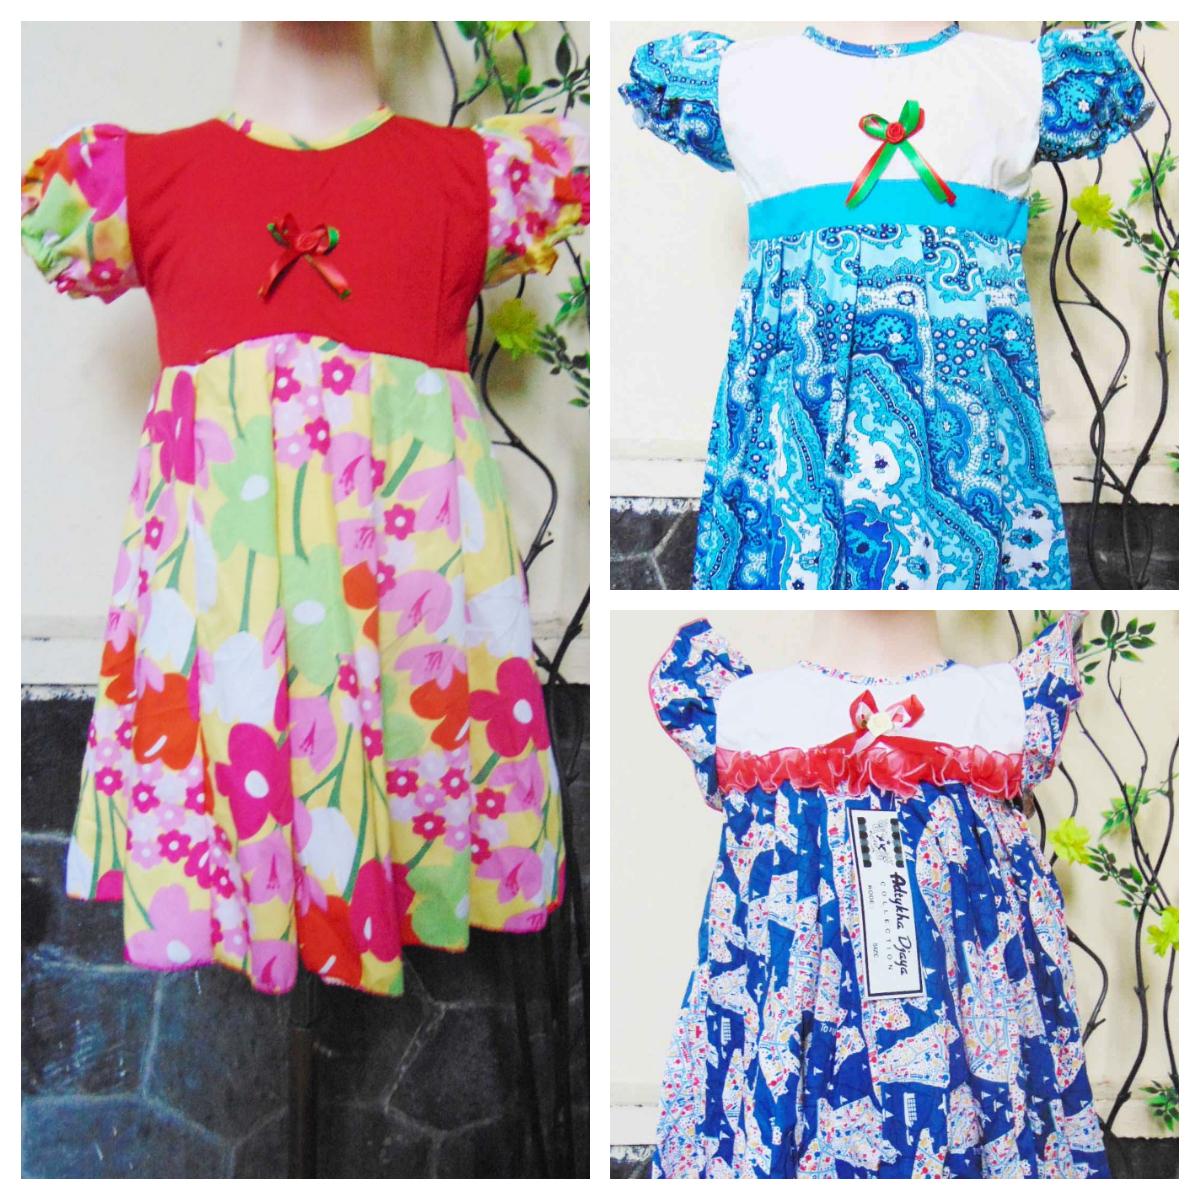 foto utama baju pesta dress baju bayi perempuan 2-3th Aneka Motif